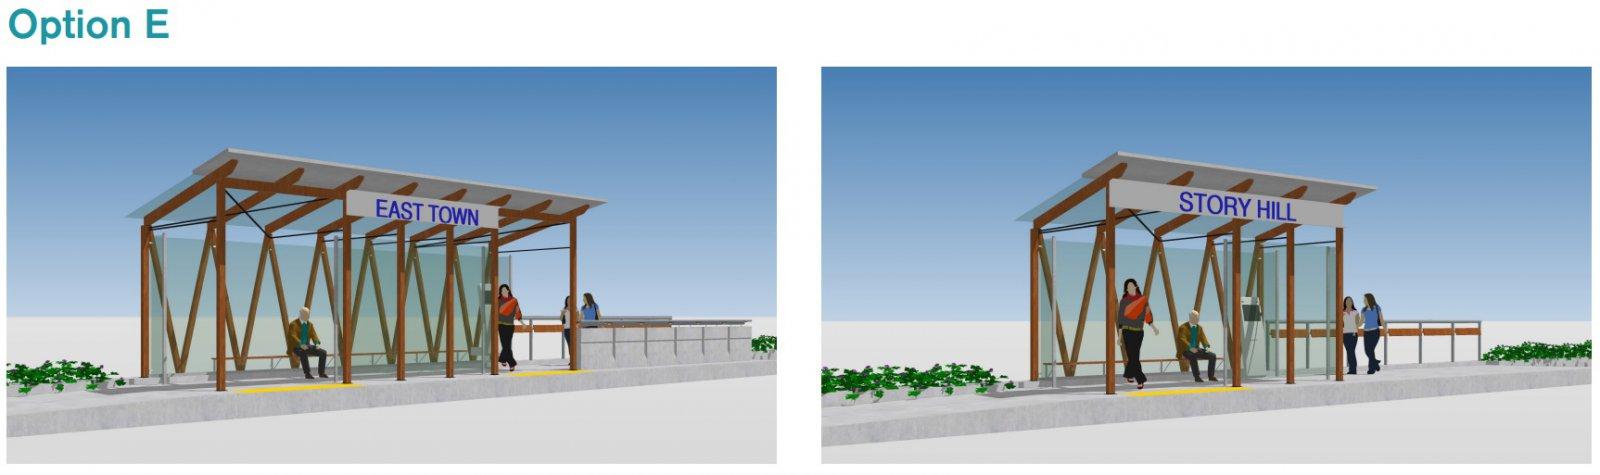 BRT Station Option E